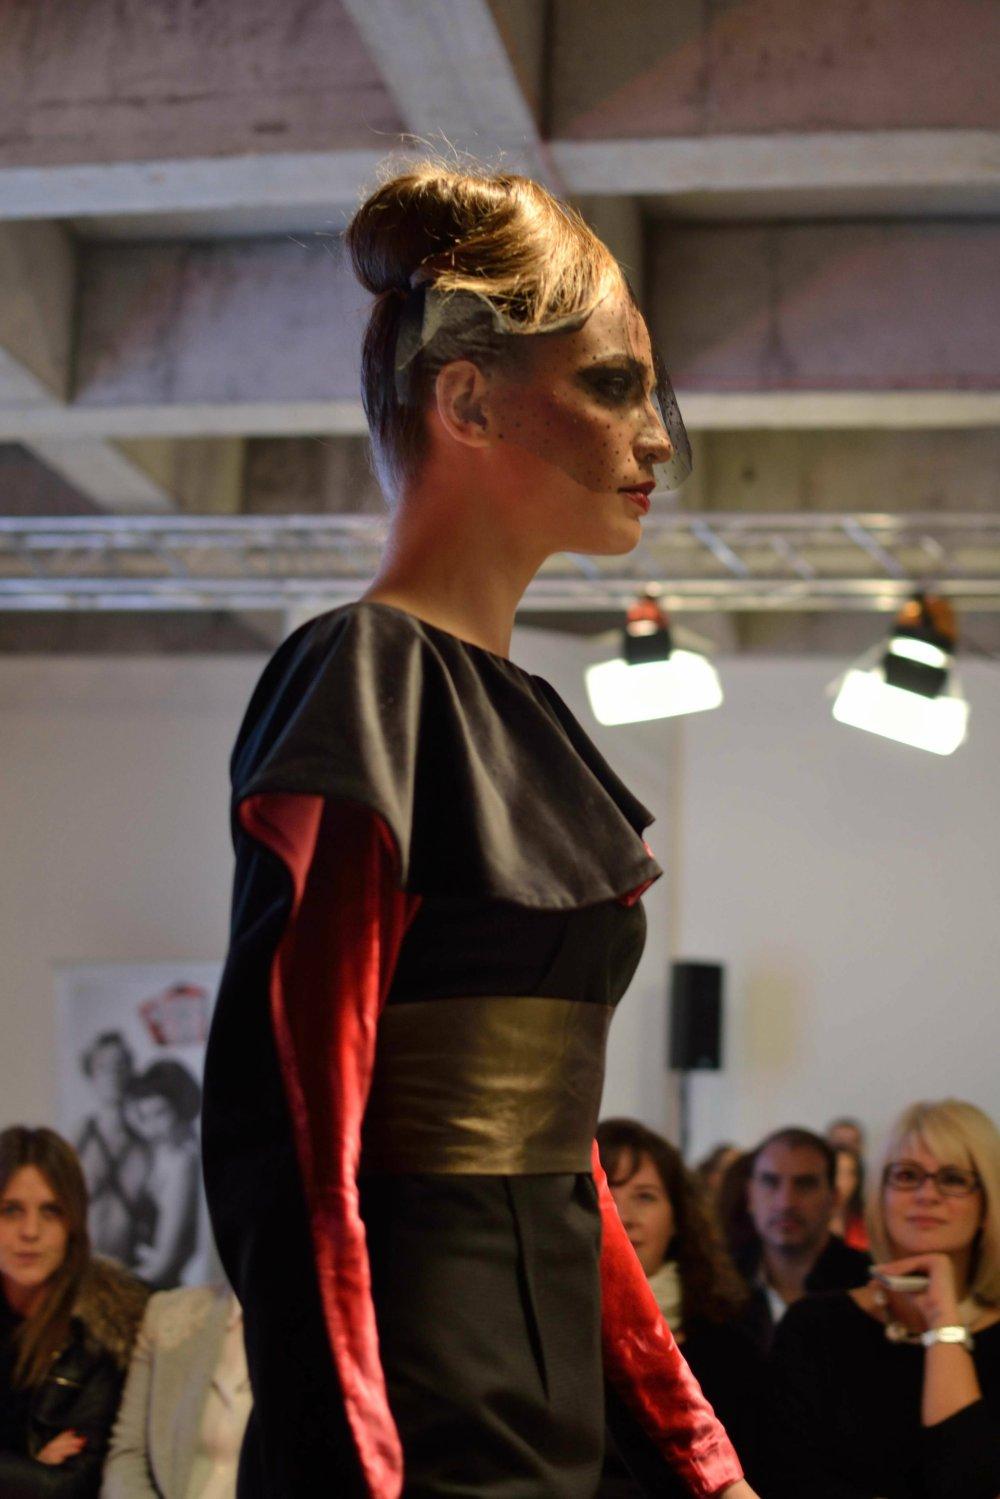 Model Ivana Geleva looked stunning in his creations